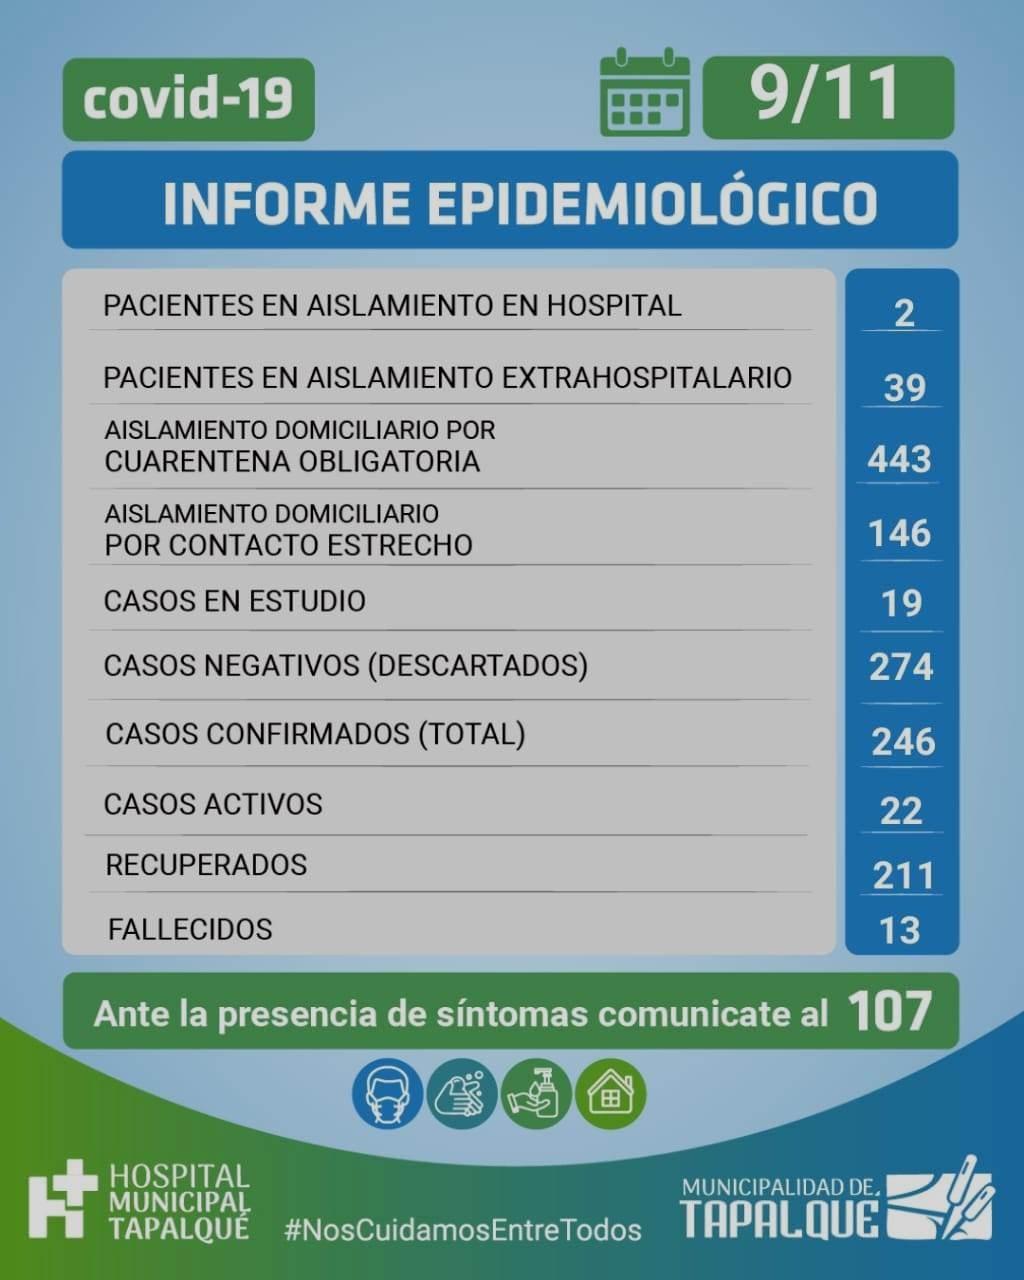 SITUACIÓN EPIDEMIOLÓGICA EN TAPALQUE